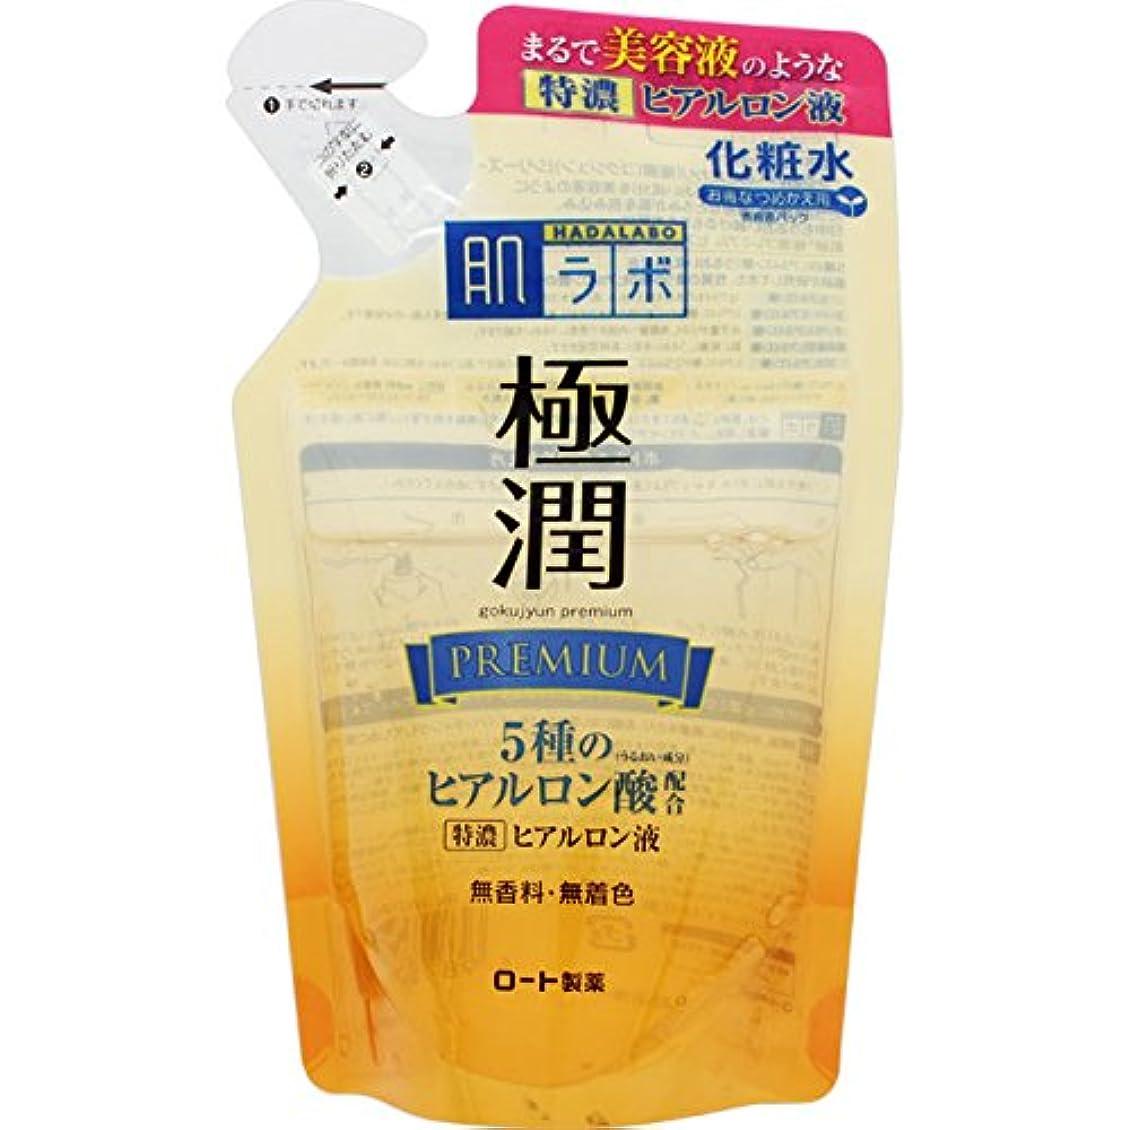 第三局かまど肌ラボ 極潤プレミアム 特濃ヒアルロン液 ヒアルロン酸5種類×サクラン配合 詰替用 170mL